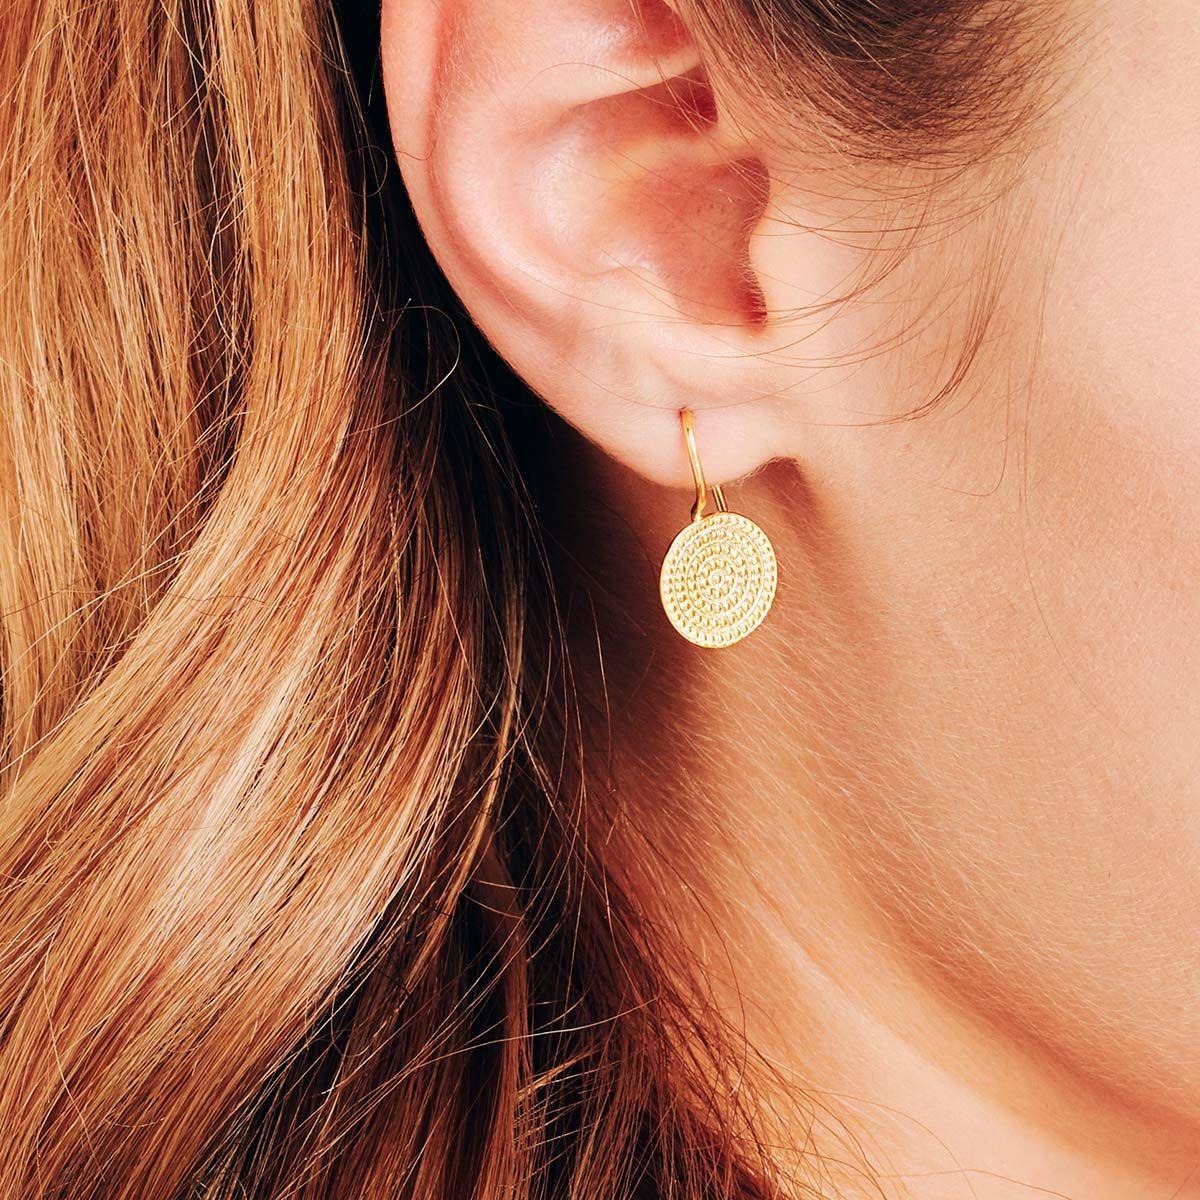 Coin earrings - Ohrhänger - 18k vergoldet